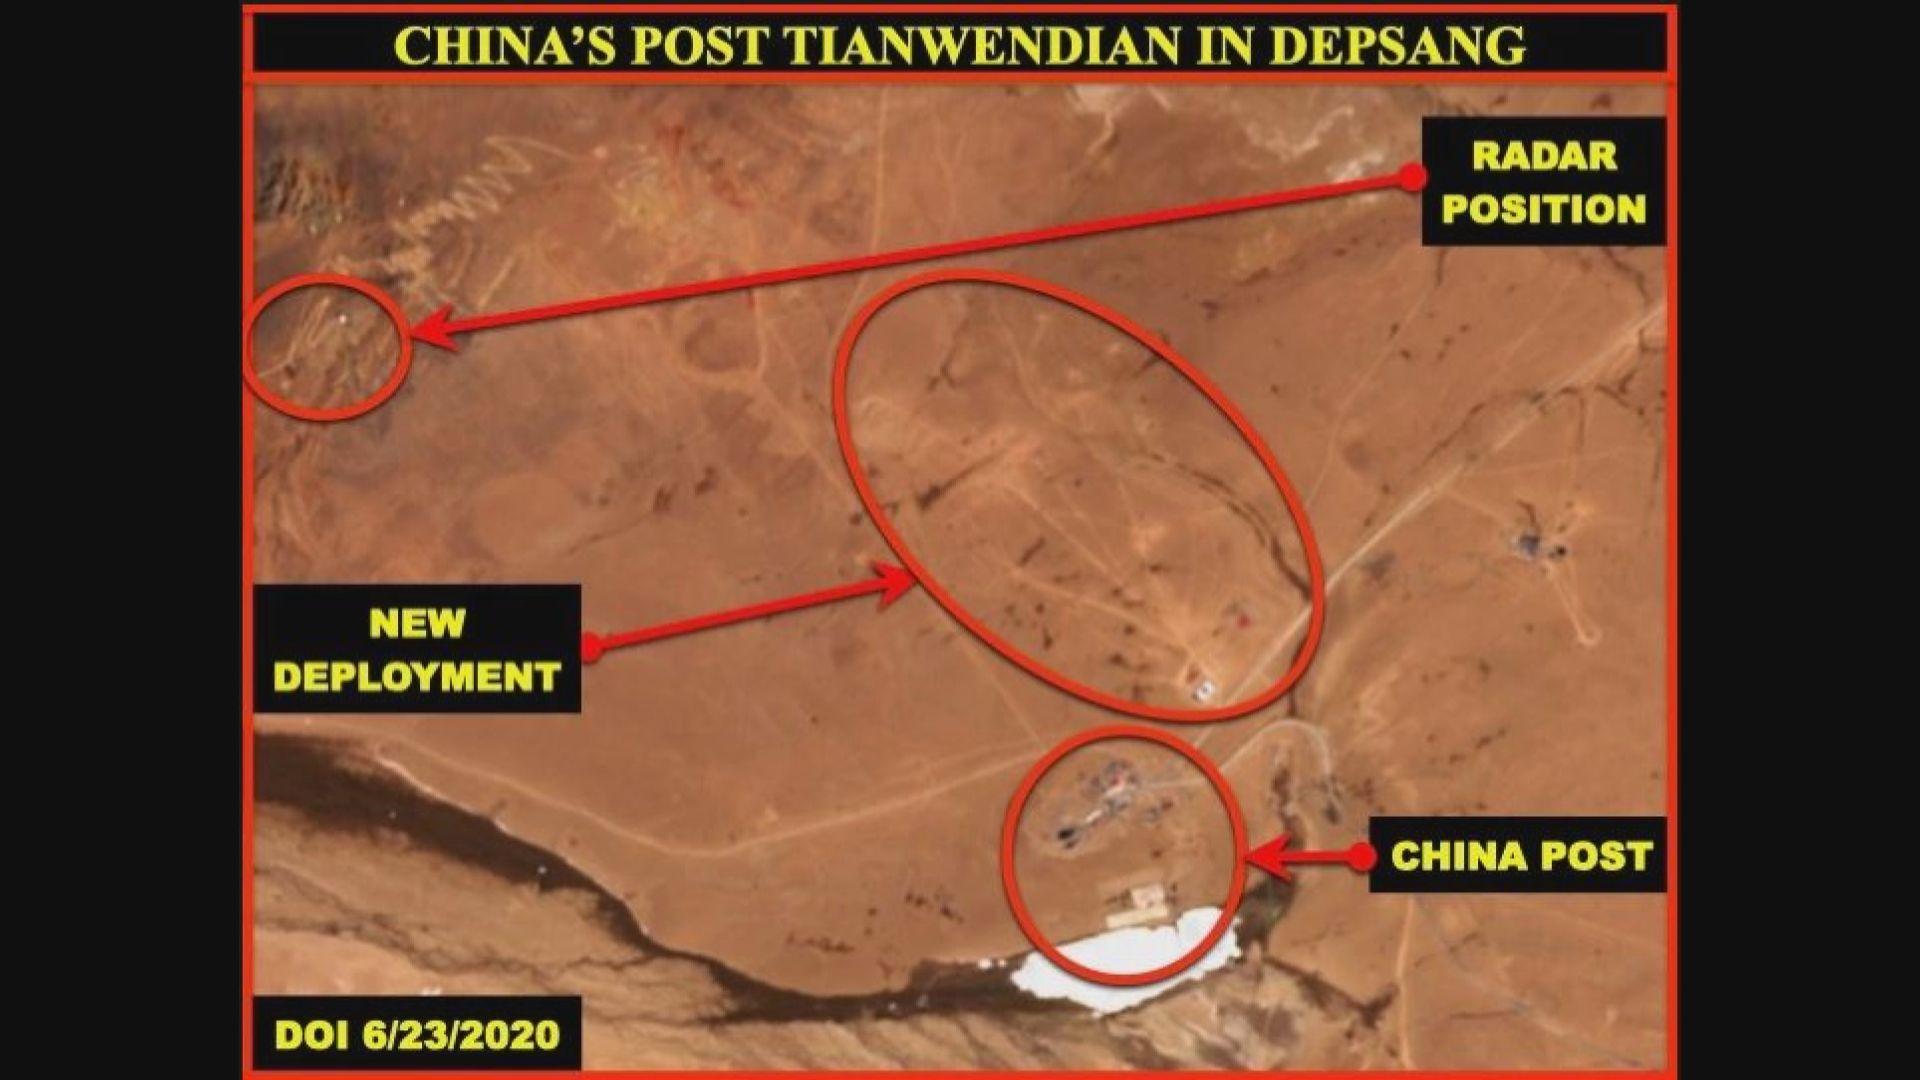 報道指解放軍進入德普桑平原印控地區